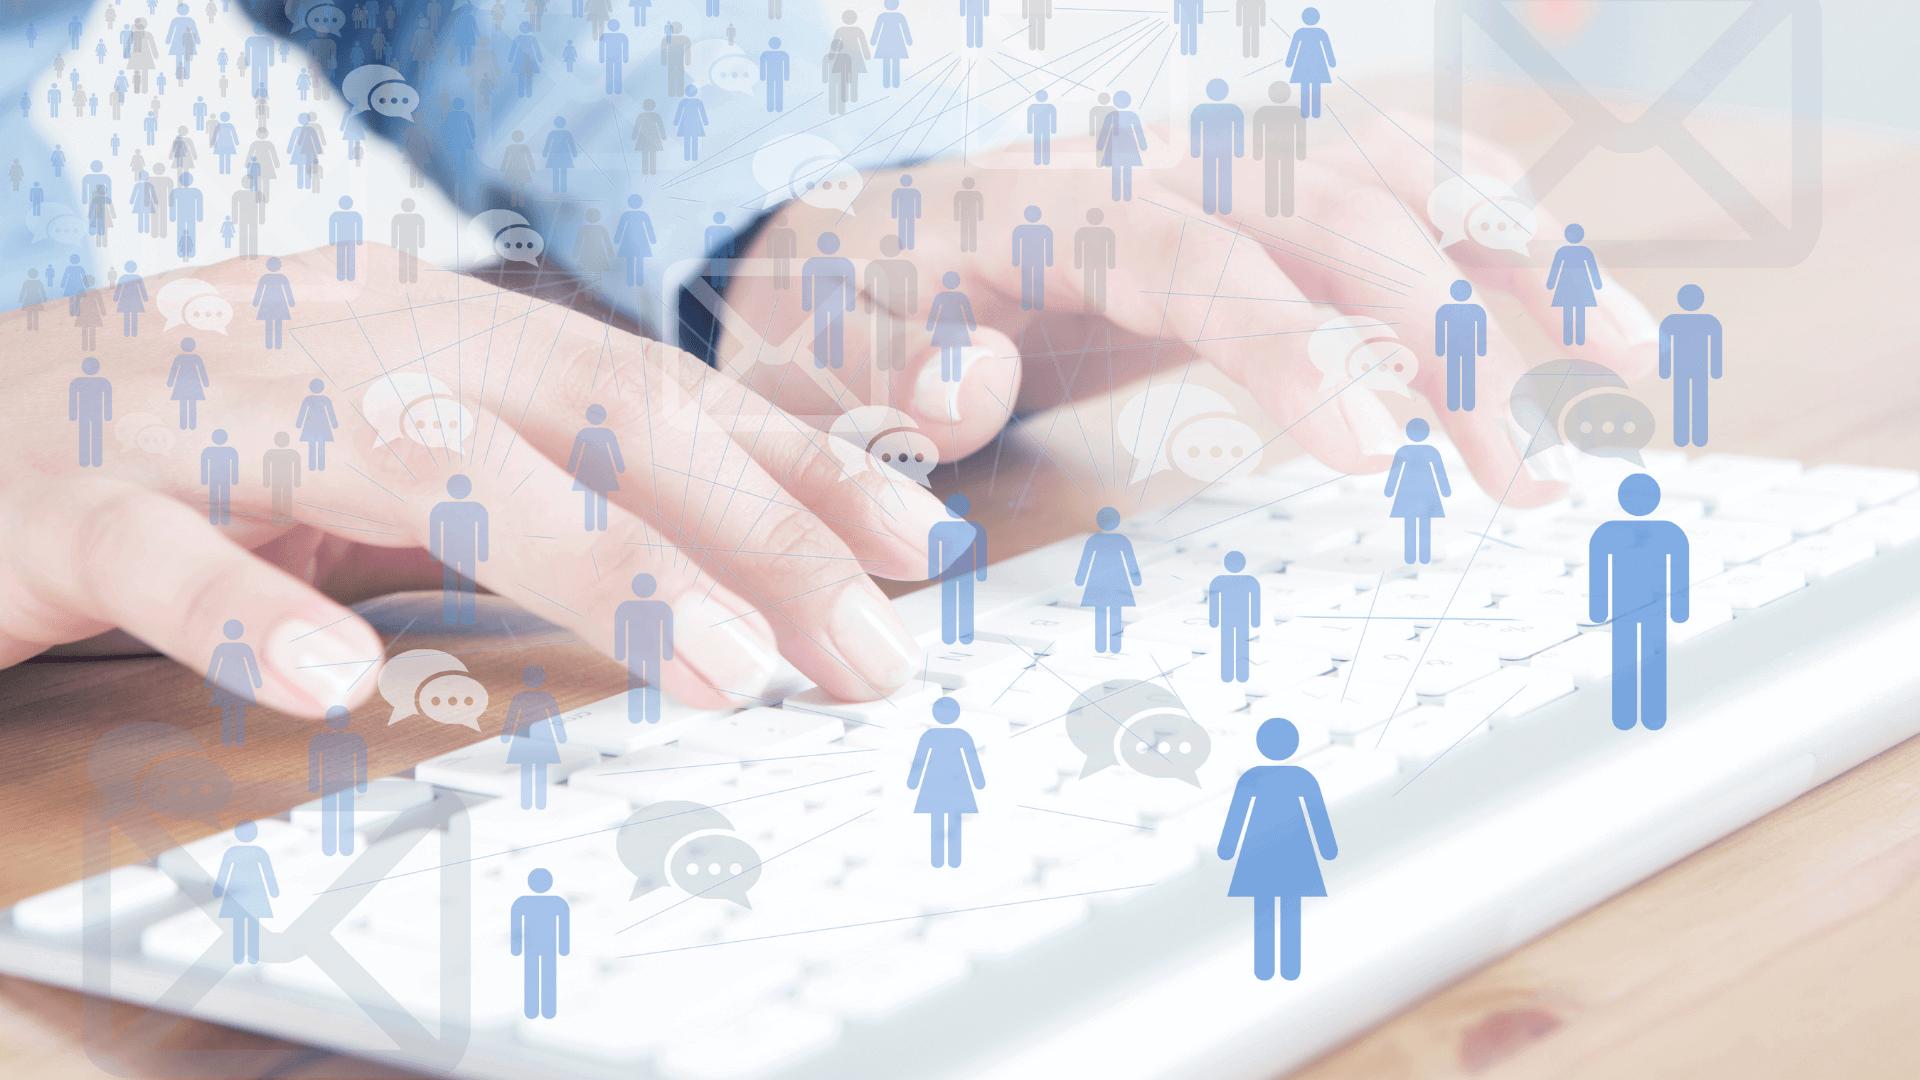 7 - Konto biznesowe na Facebooku - dlaczego warto?